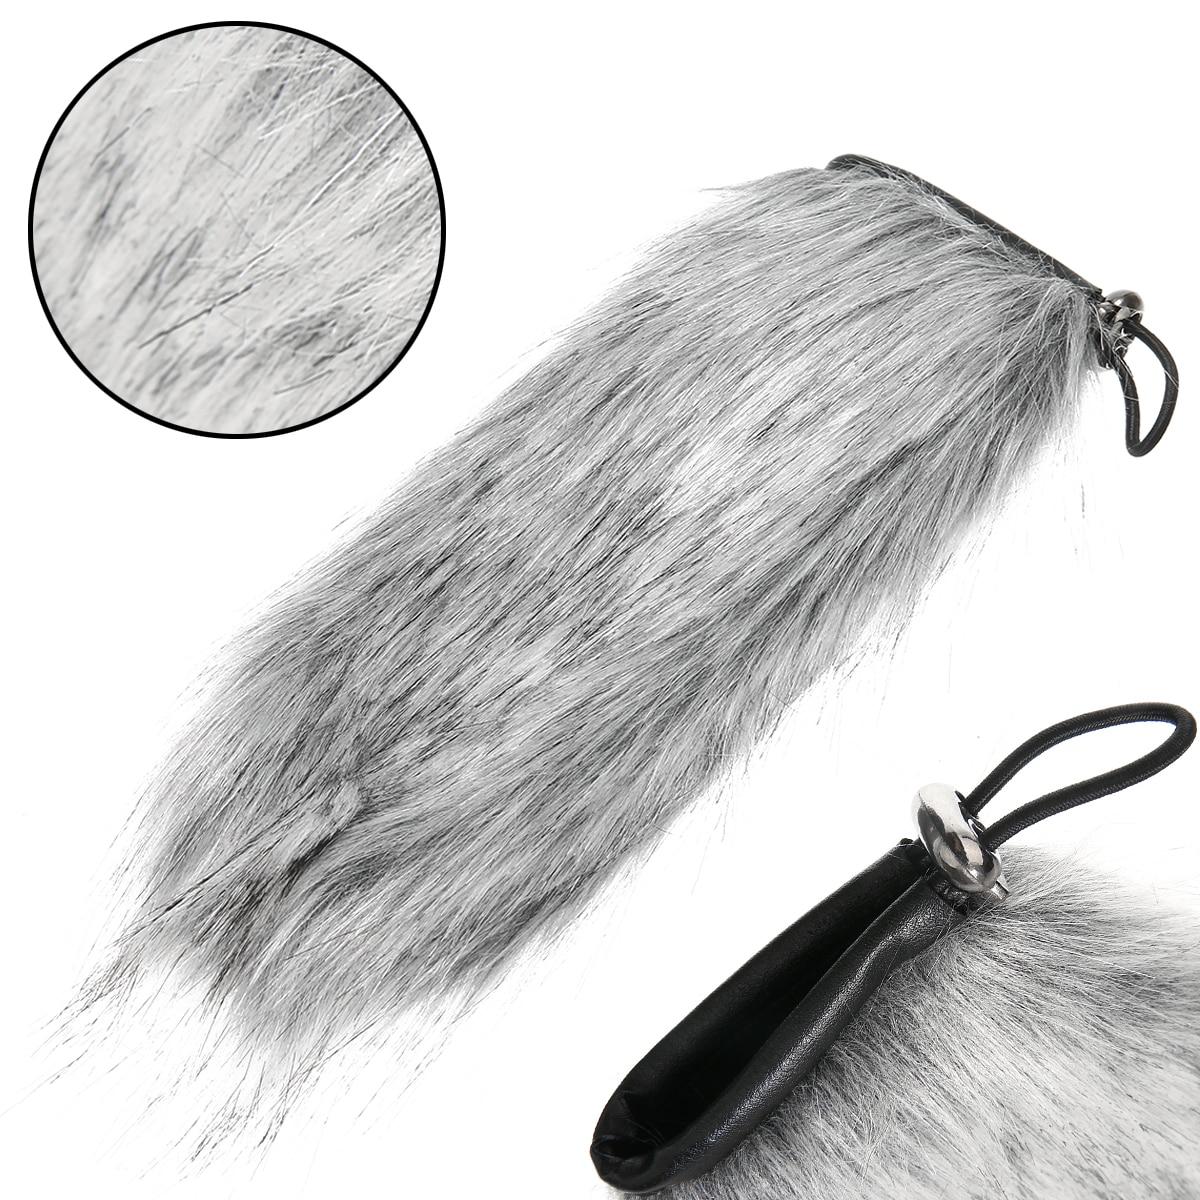 Mayitr 1pc housse de Microphone fourrure artificielle vent réduction de bruit micro pare-brise pour micro Audio